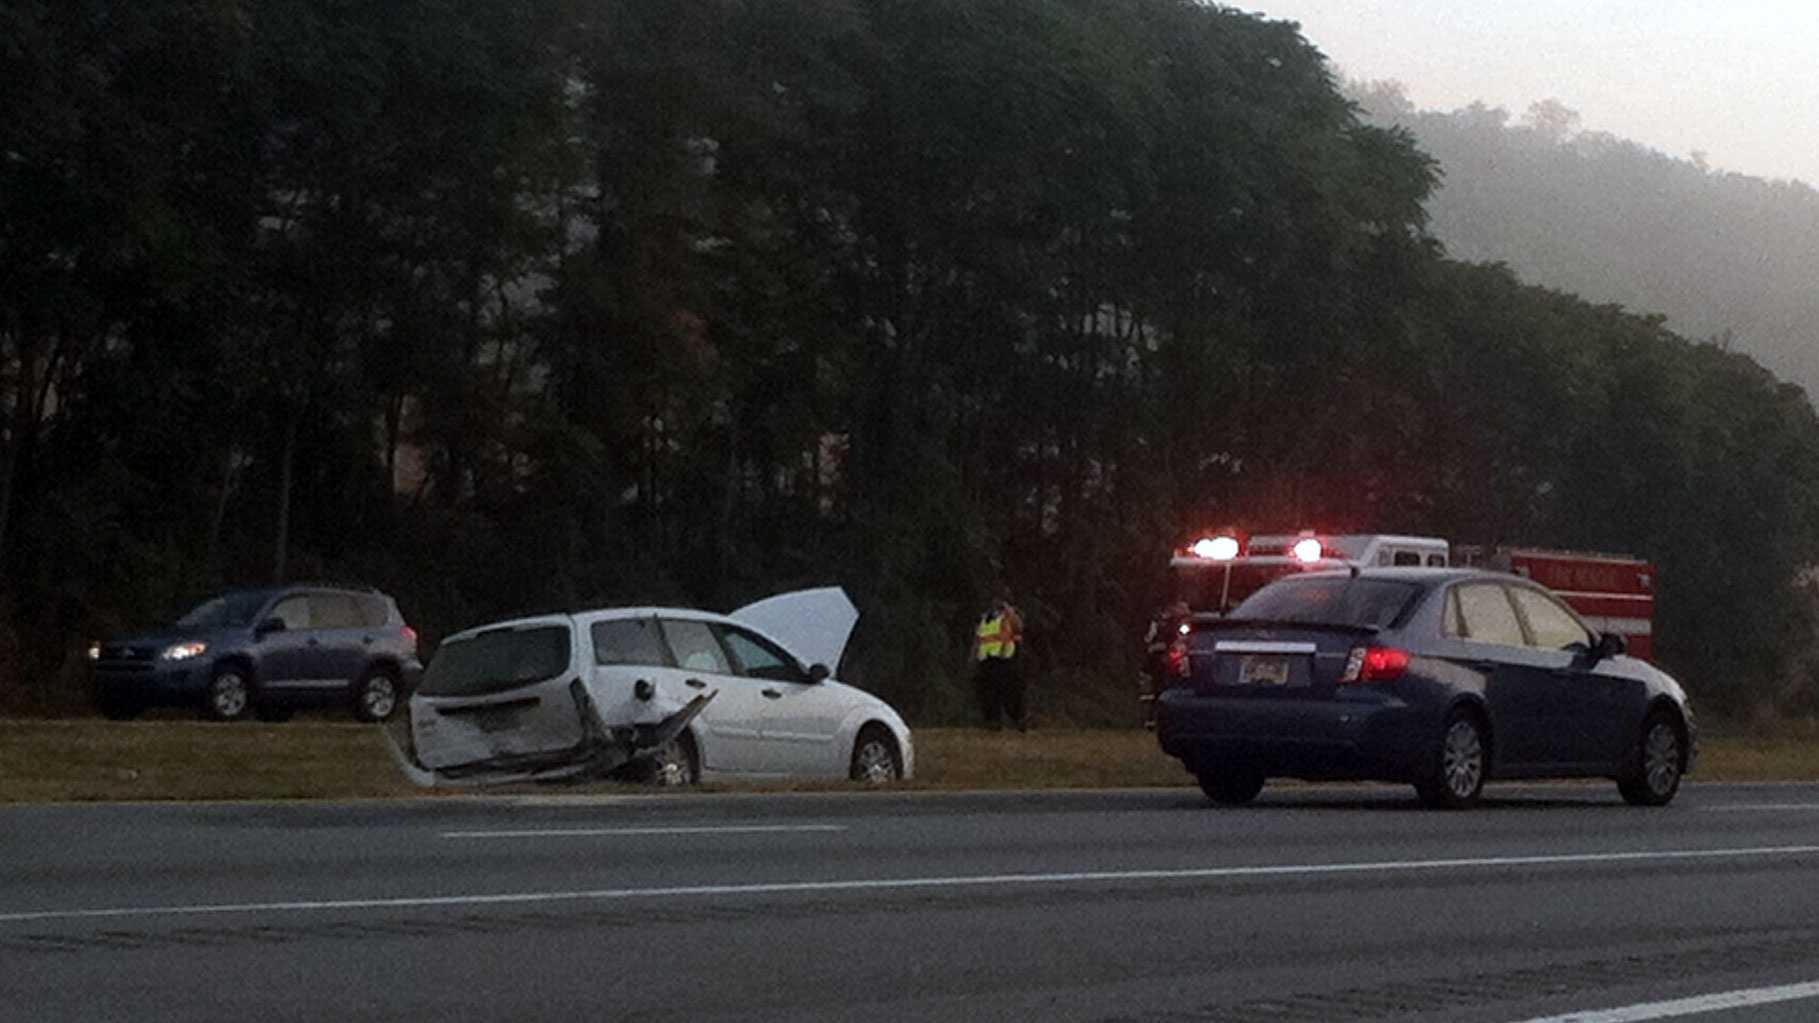 10.4 Route 30 crash